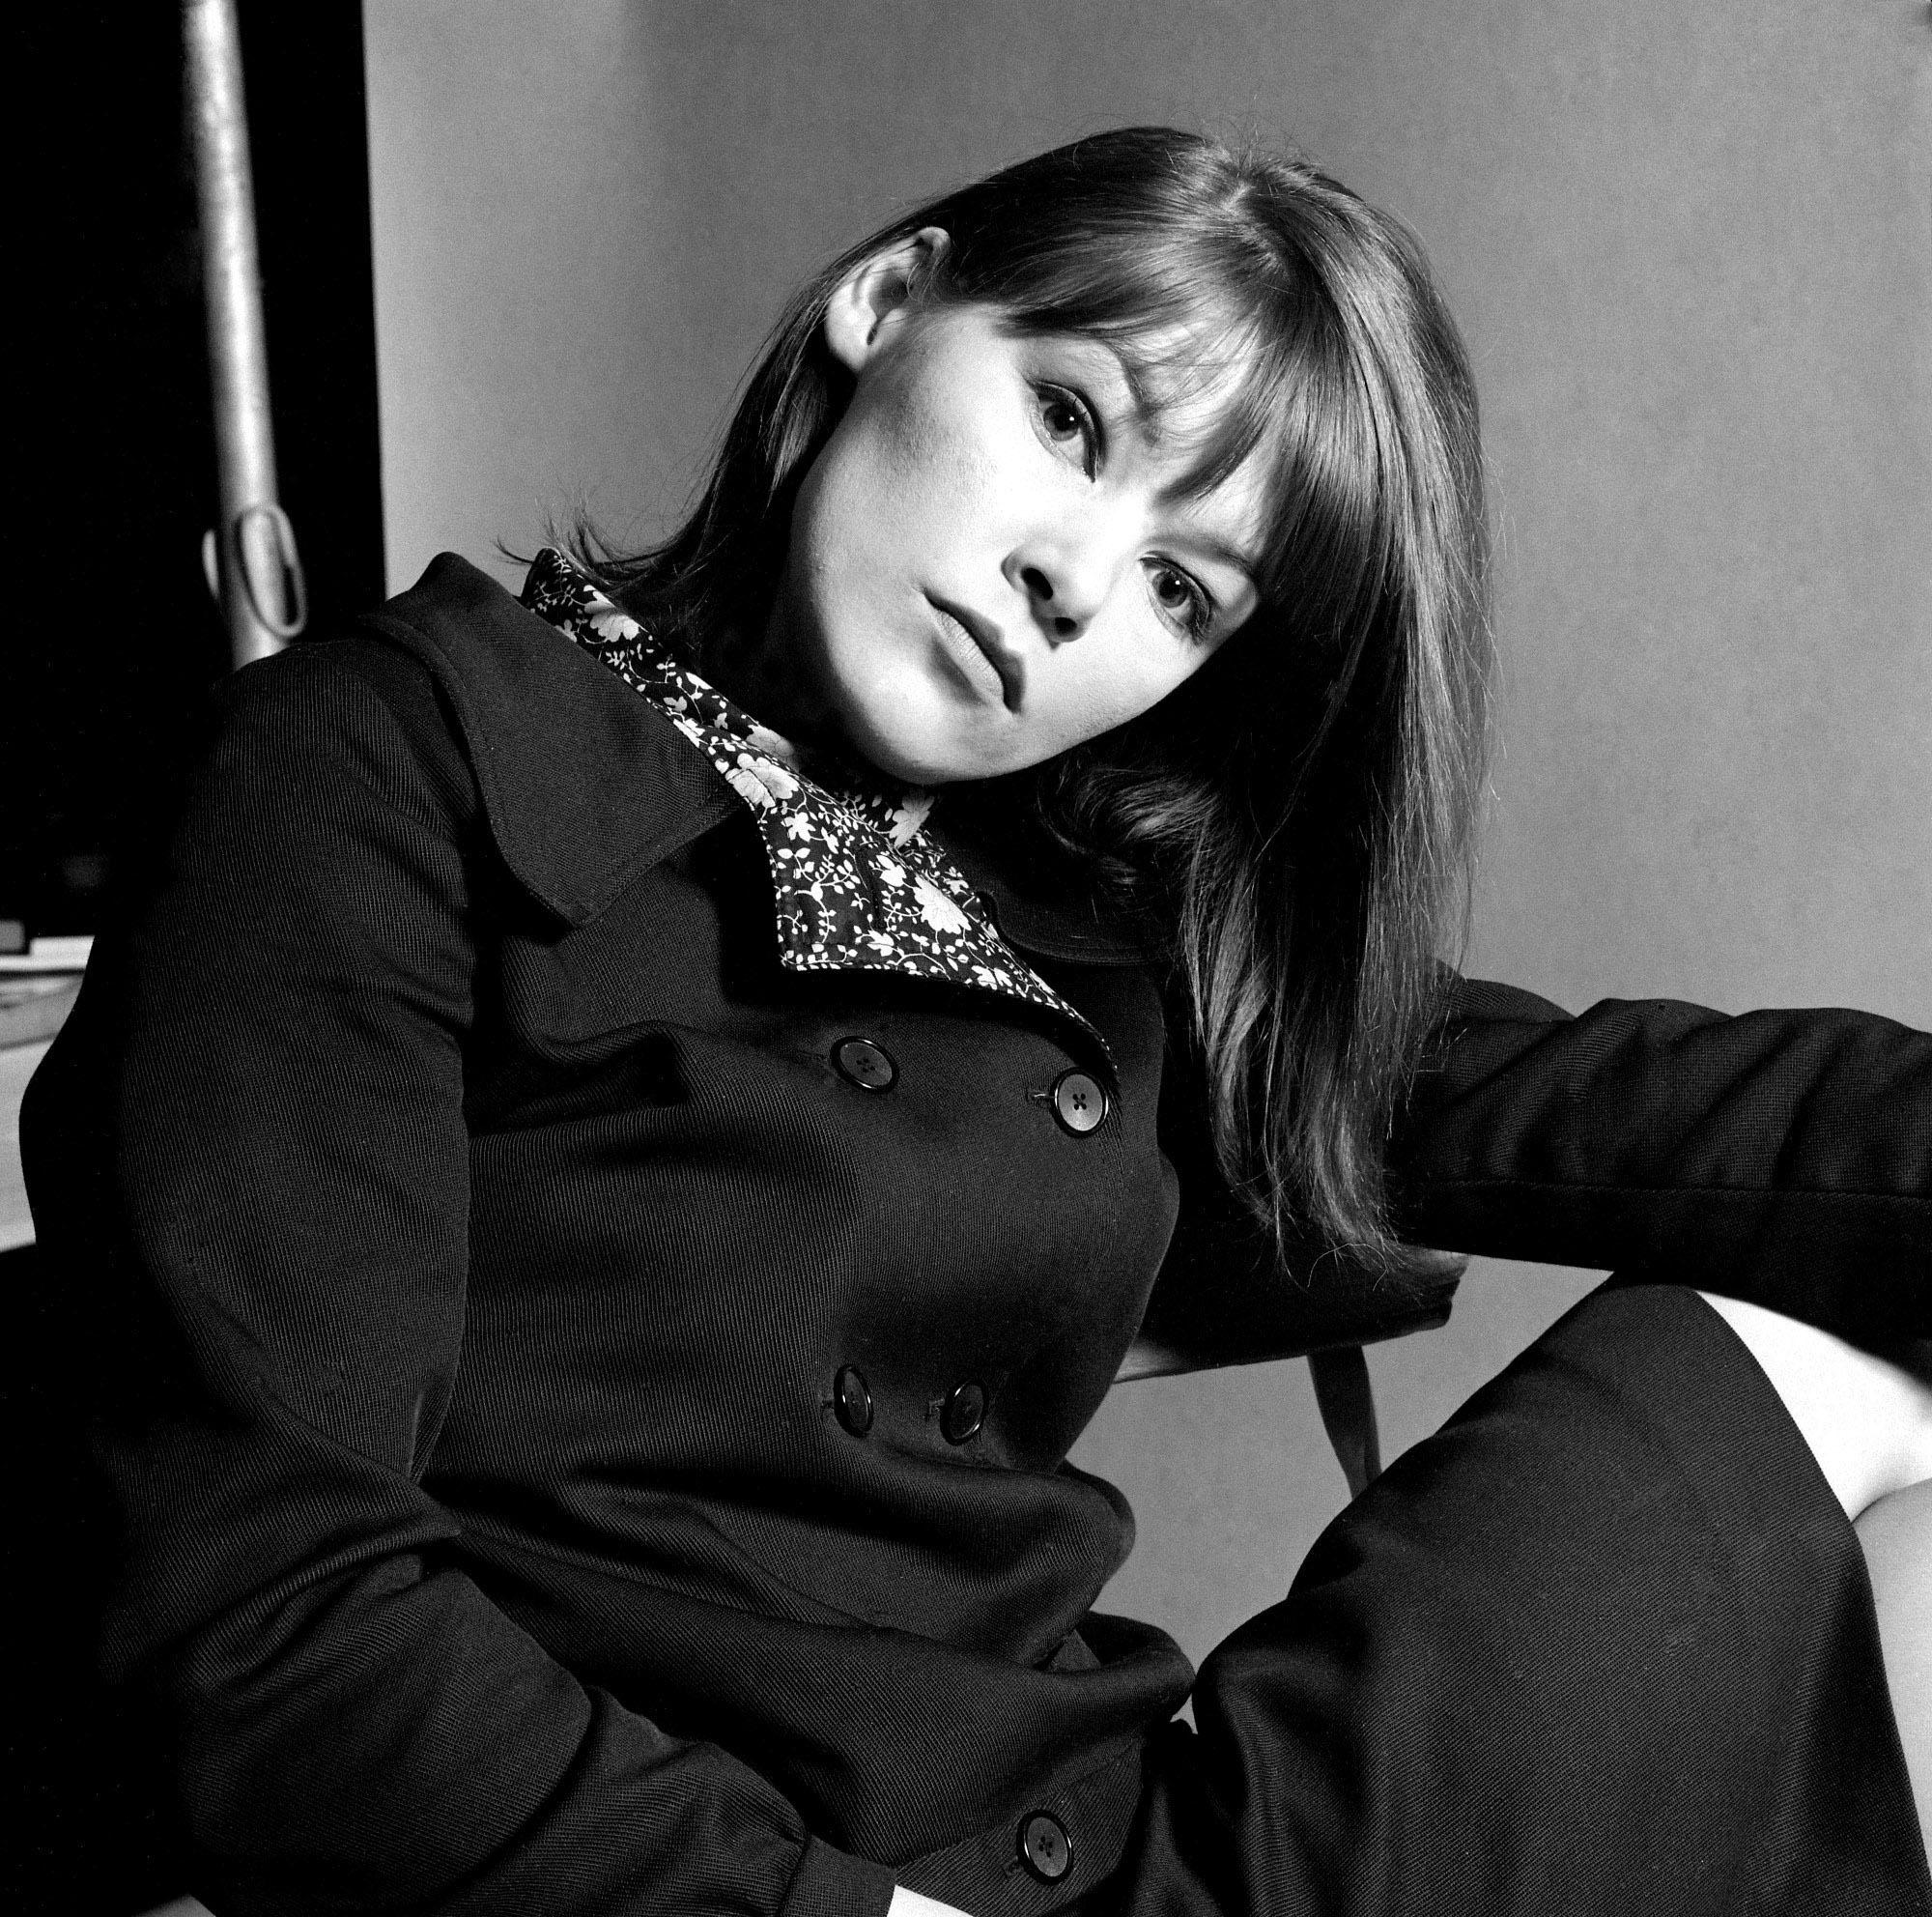 Brenda Byers - The Auctioneer